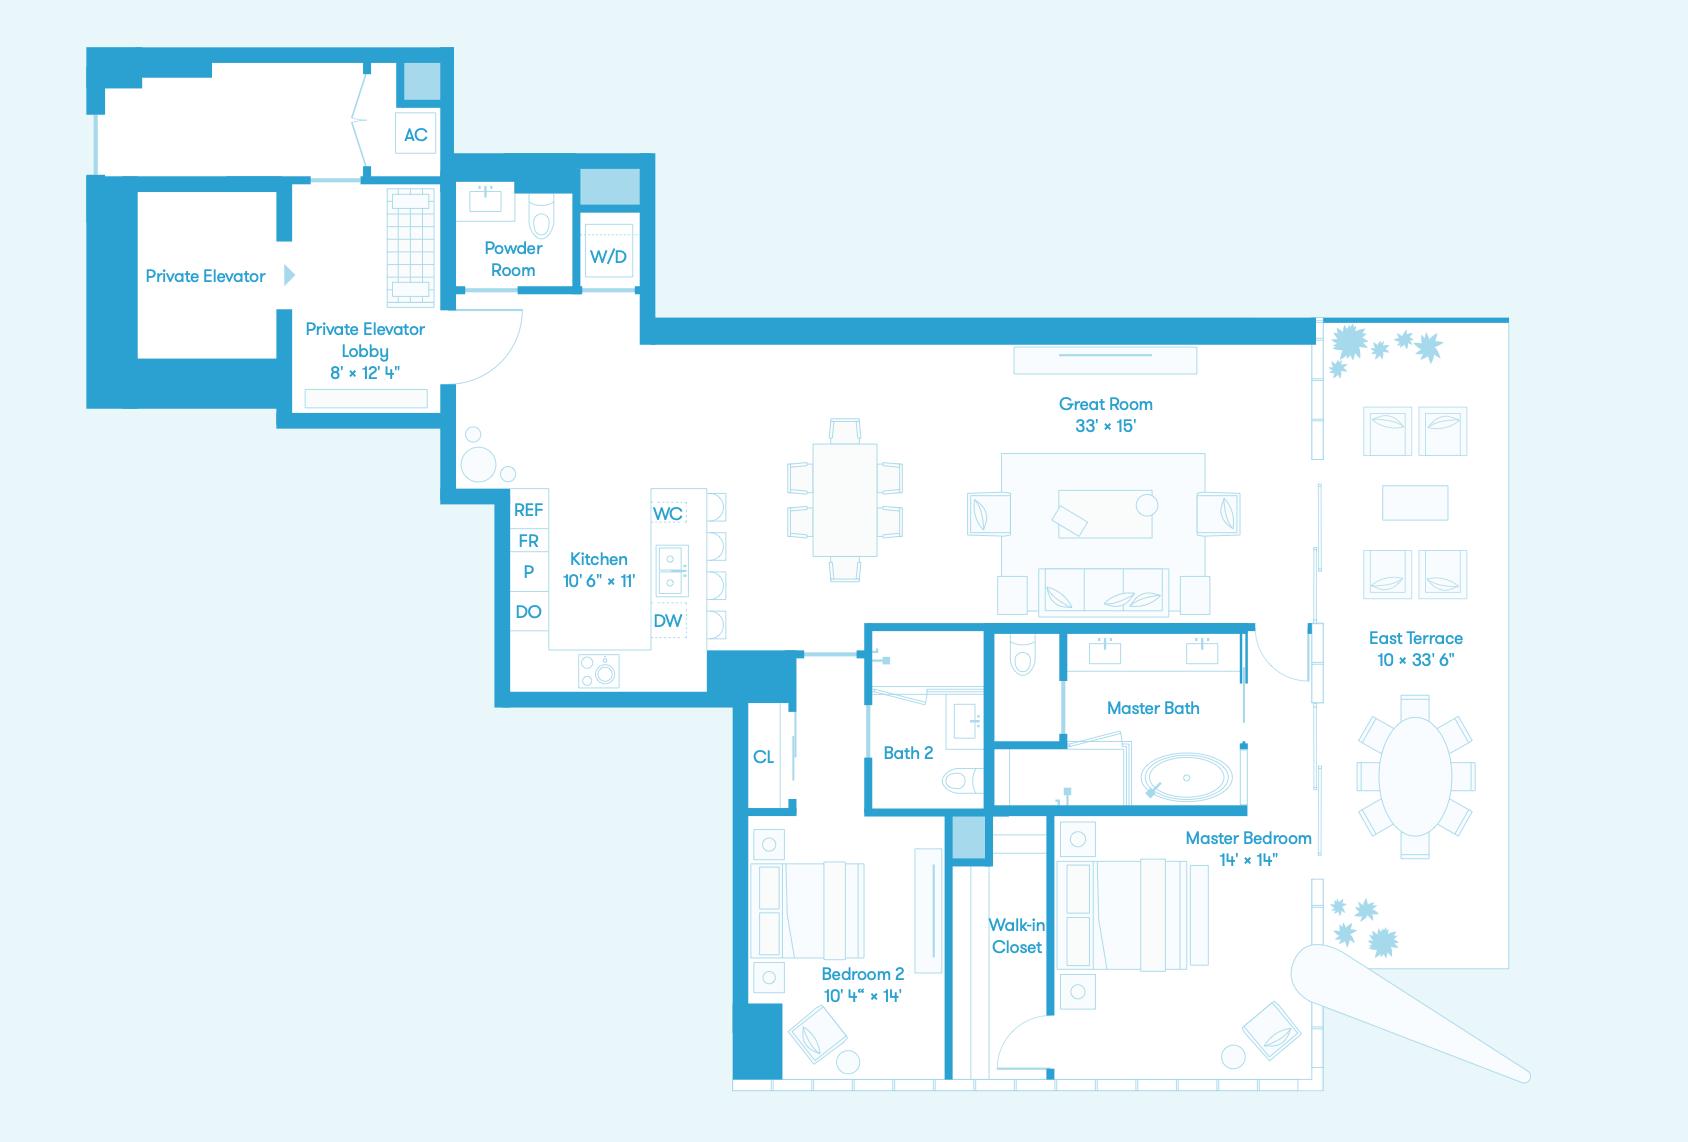 Bay Residence SE Floors 8 - 36